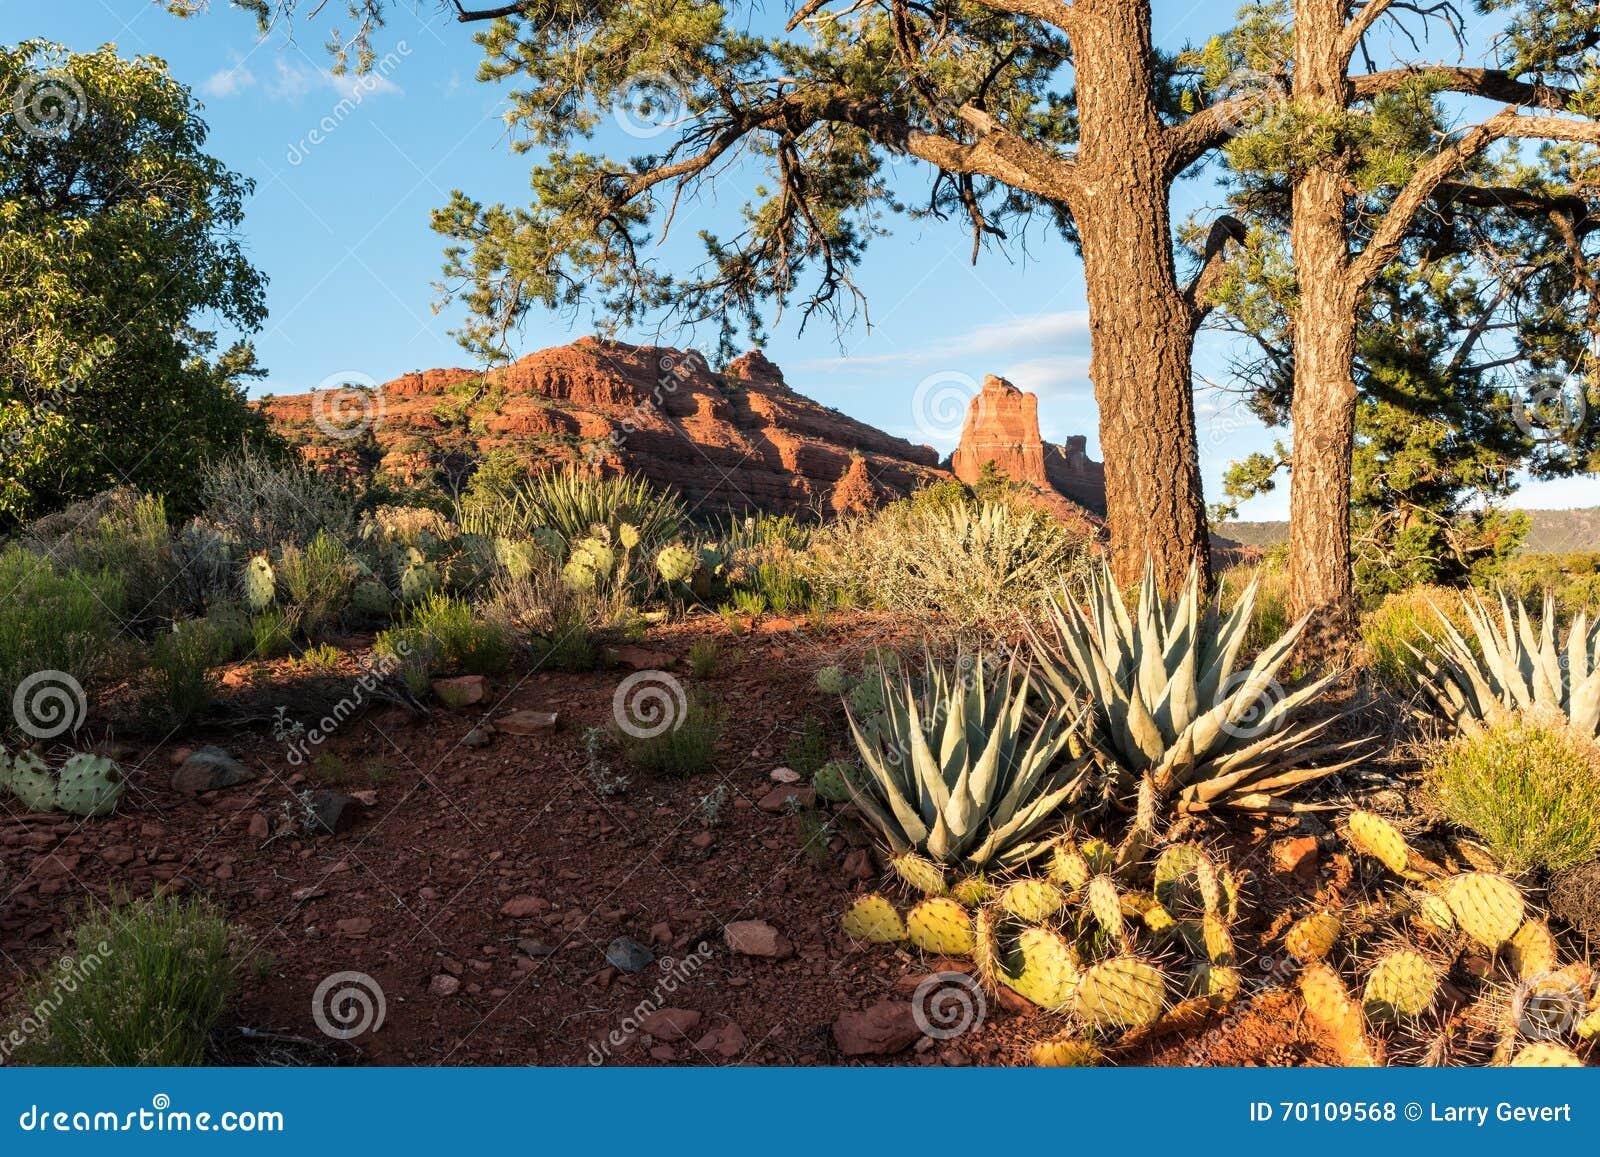 Sedona, Arizona evening landscape